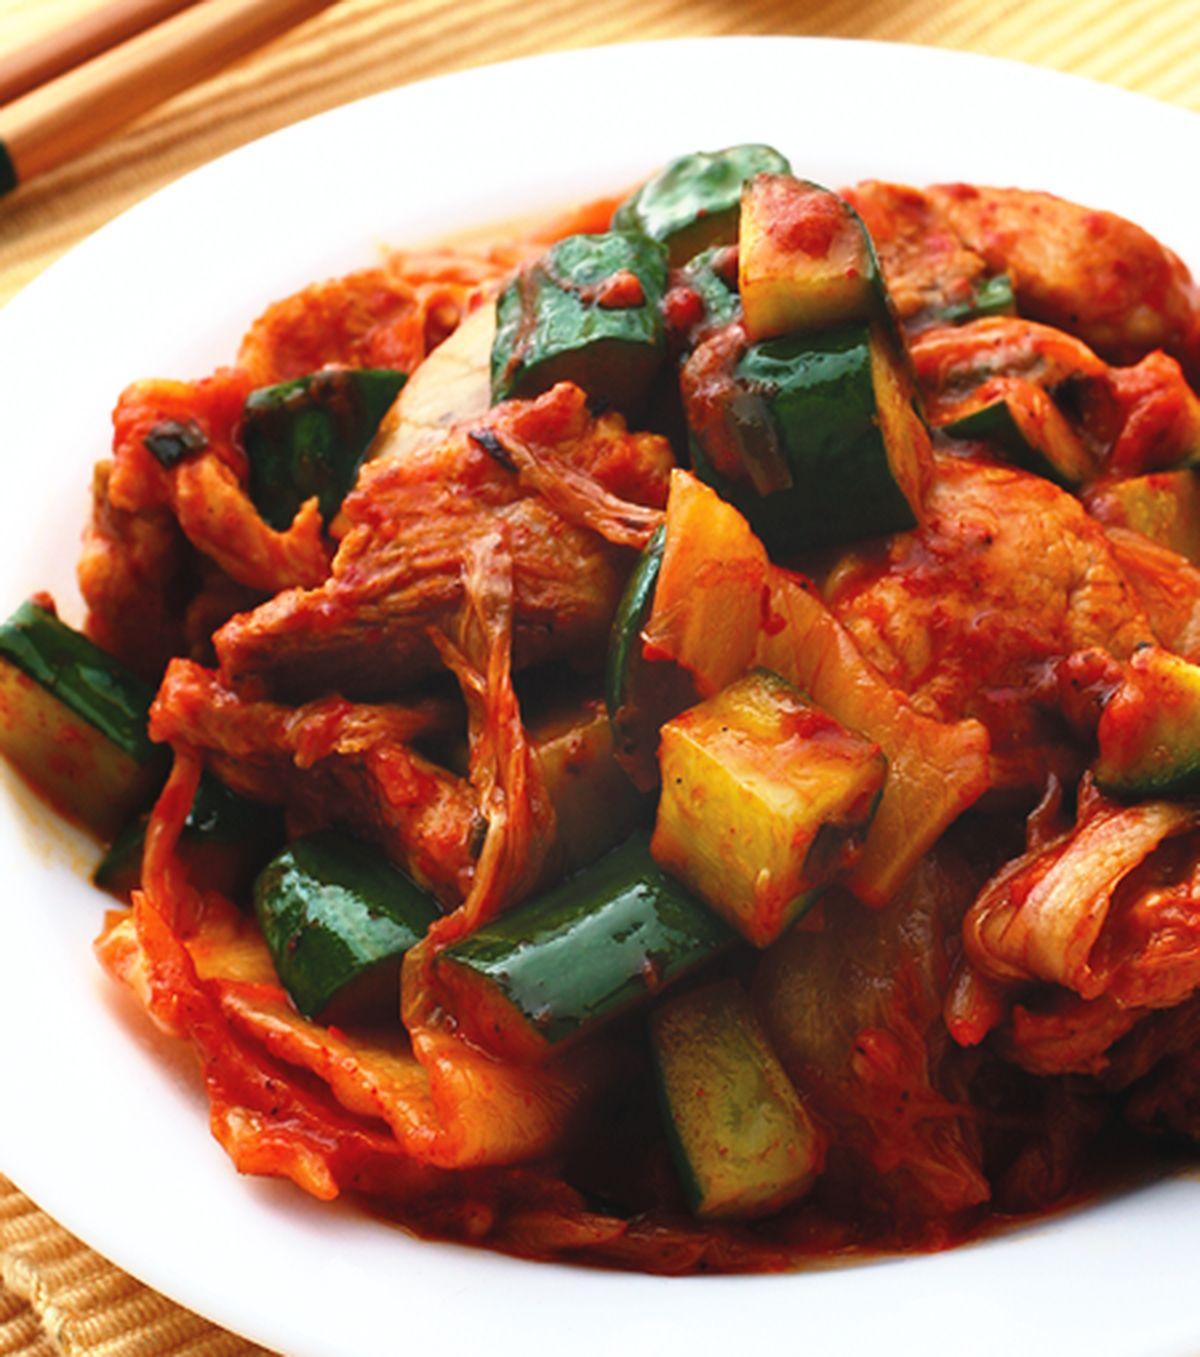 食譜:泡菜炒肉片